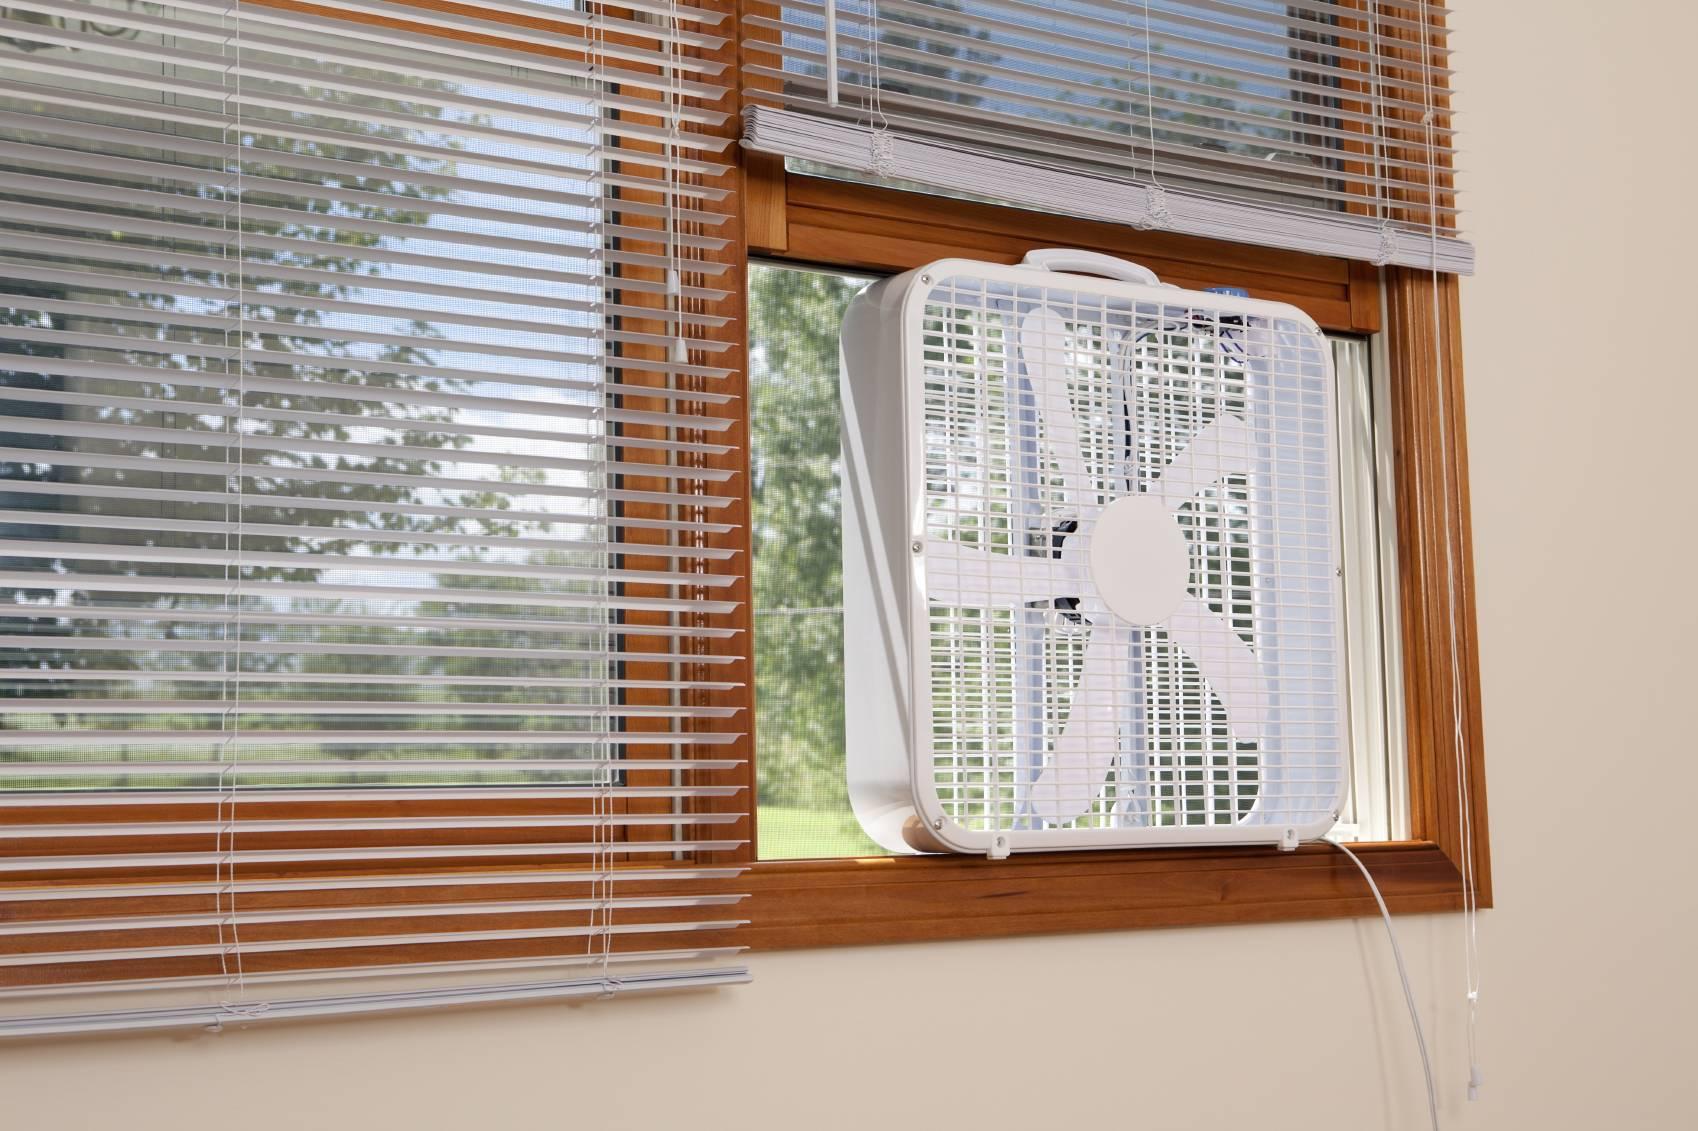 Comment bien utiliser son ventilateur en cas de fortes for Bien choisir son ventilateur